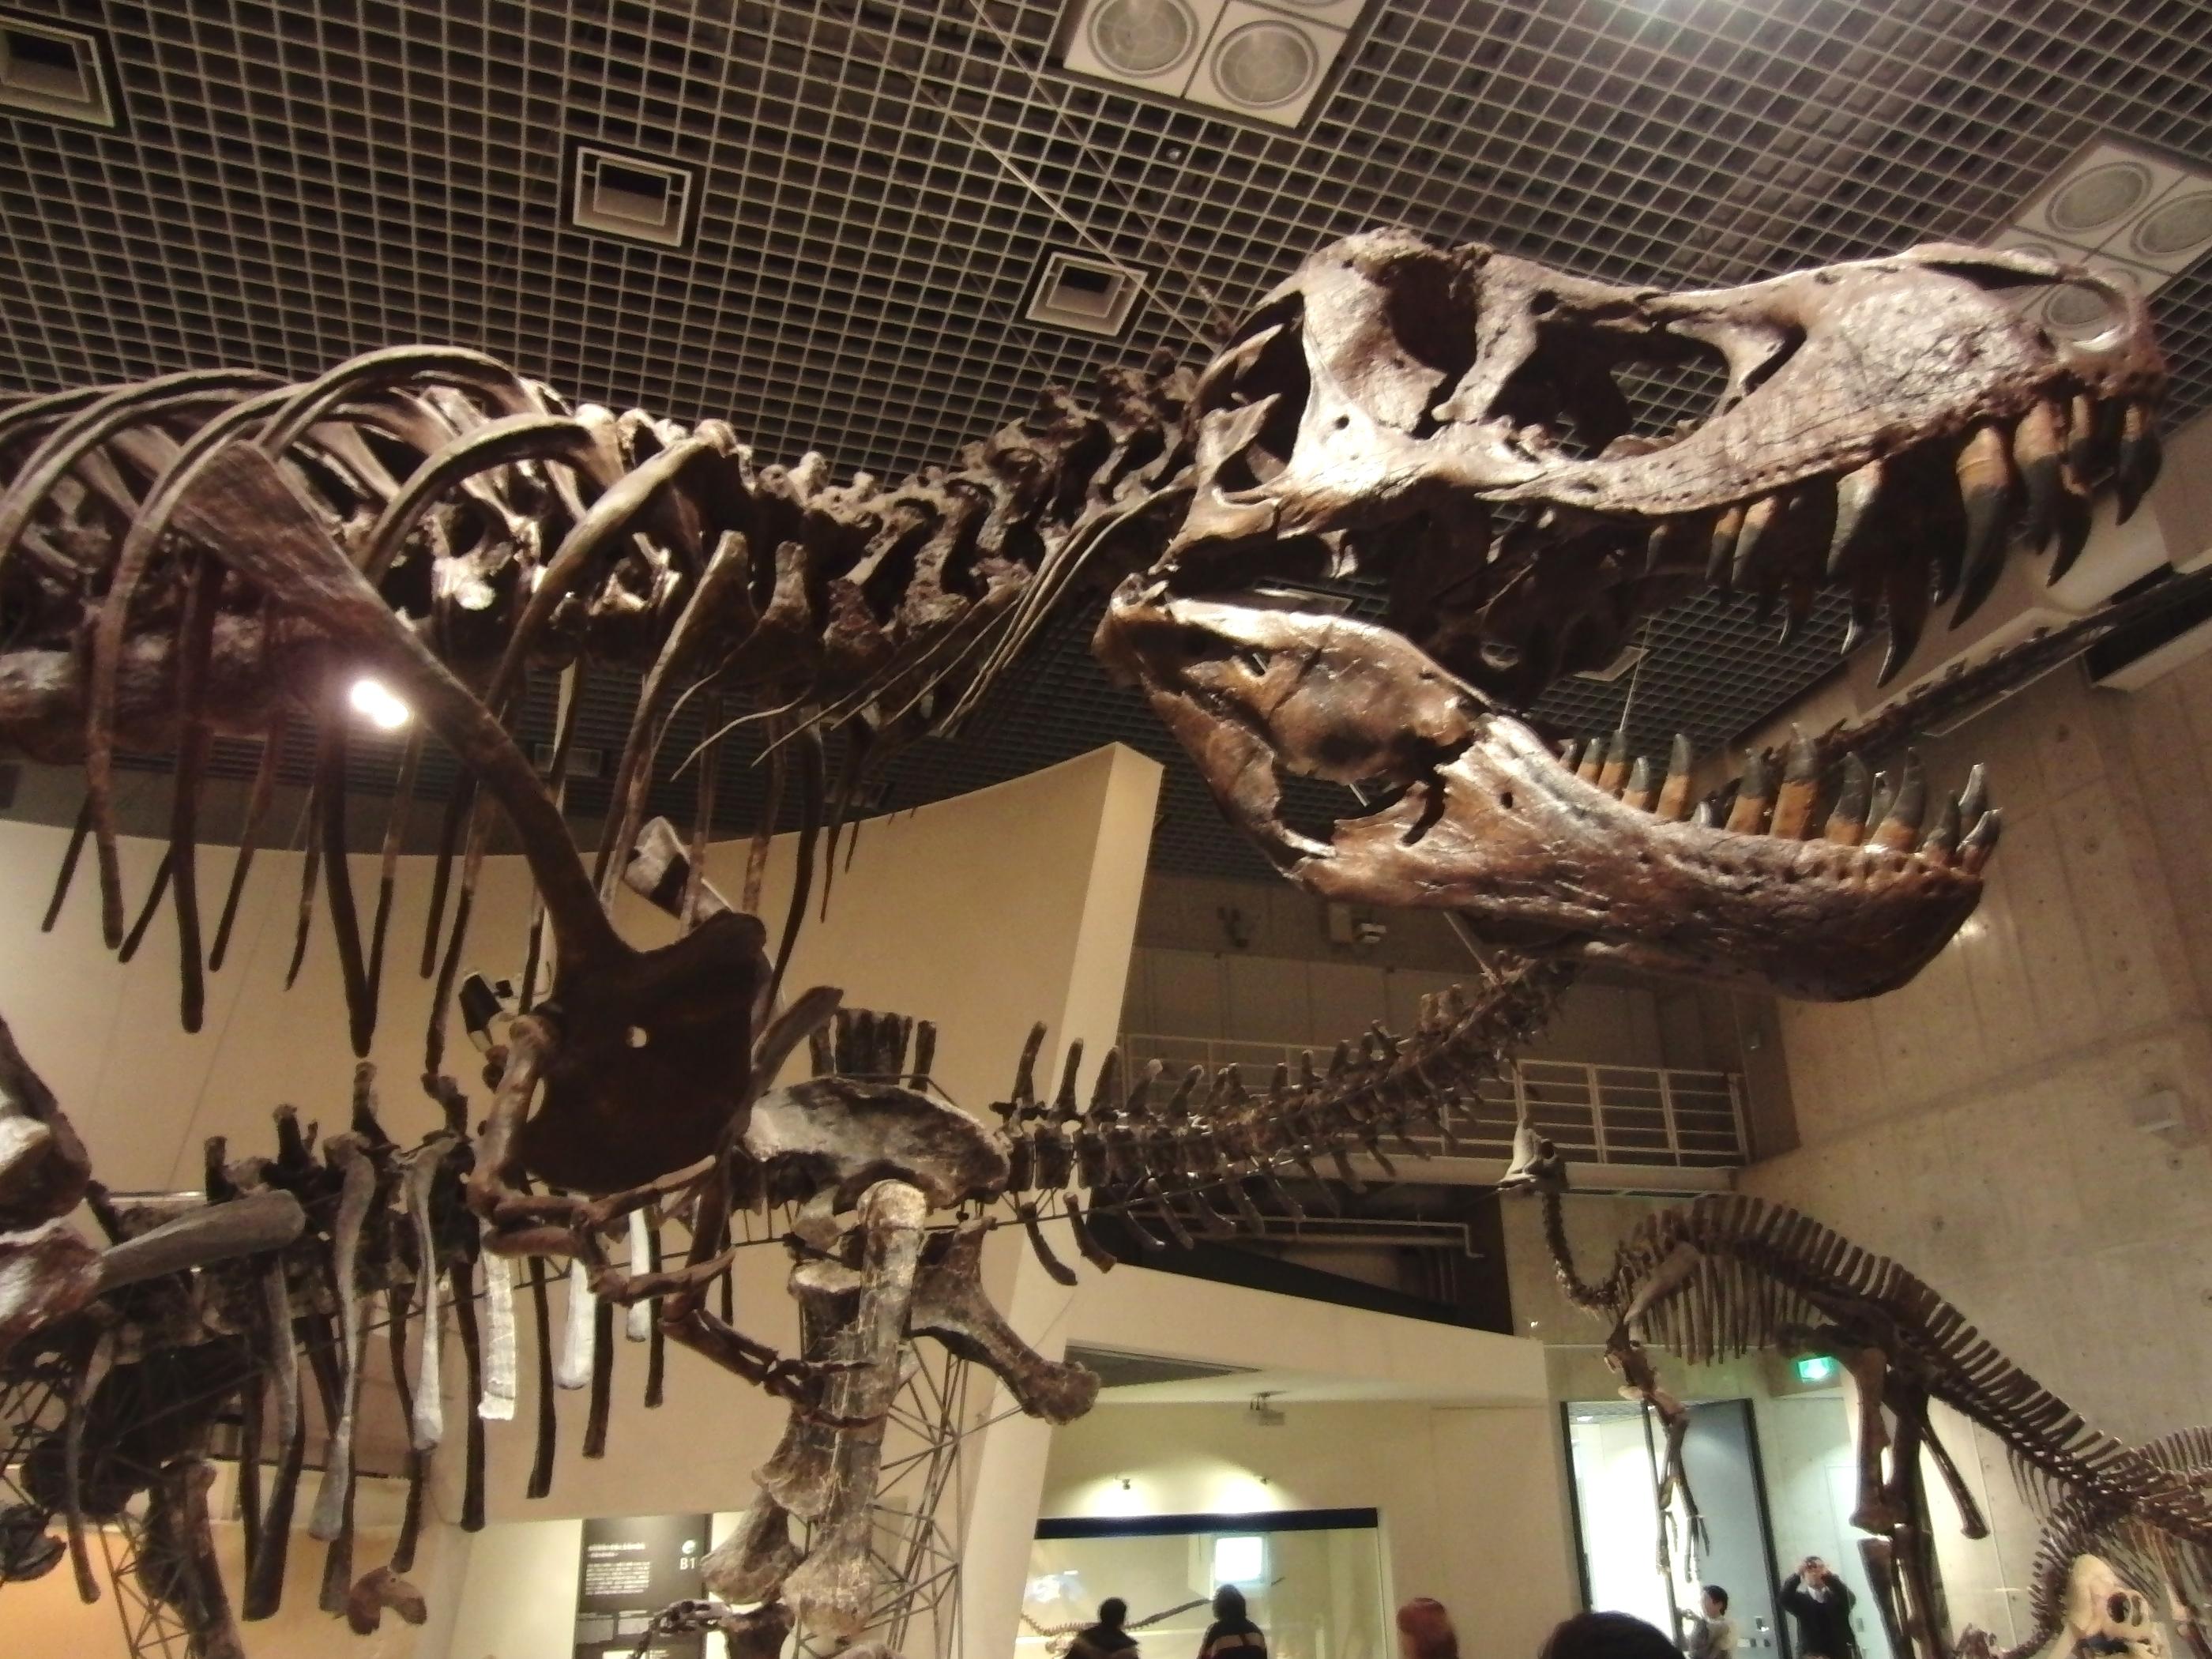 国立科学博物館 - Wikipedia